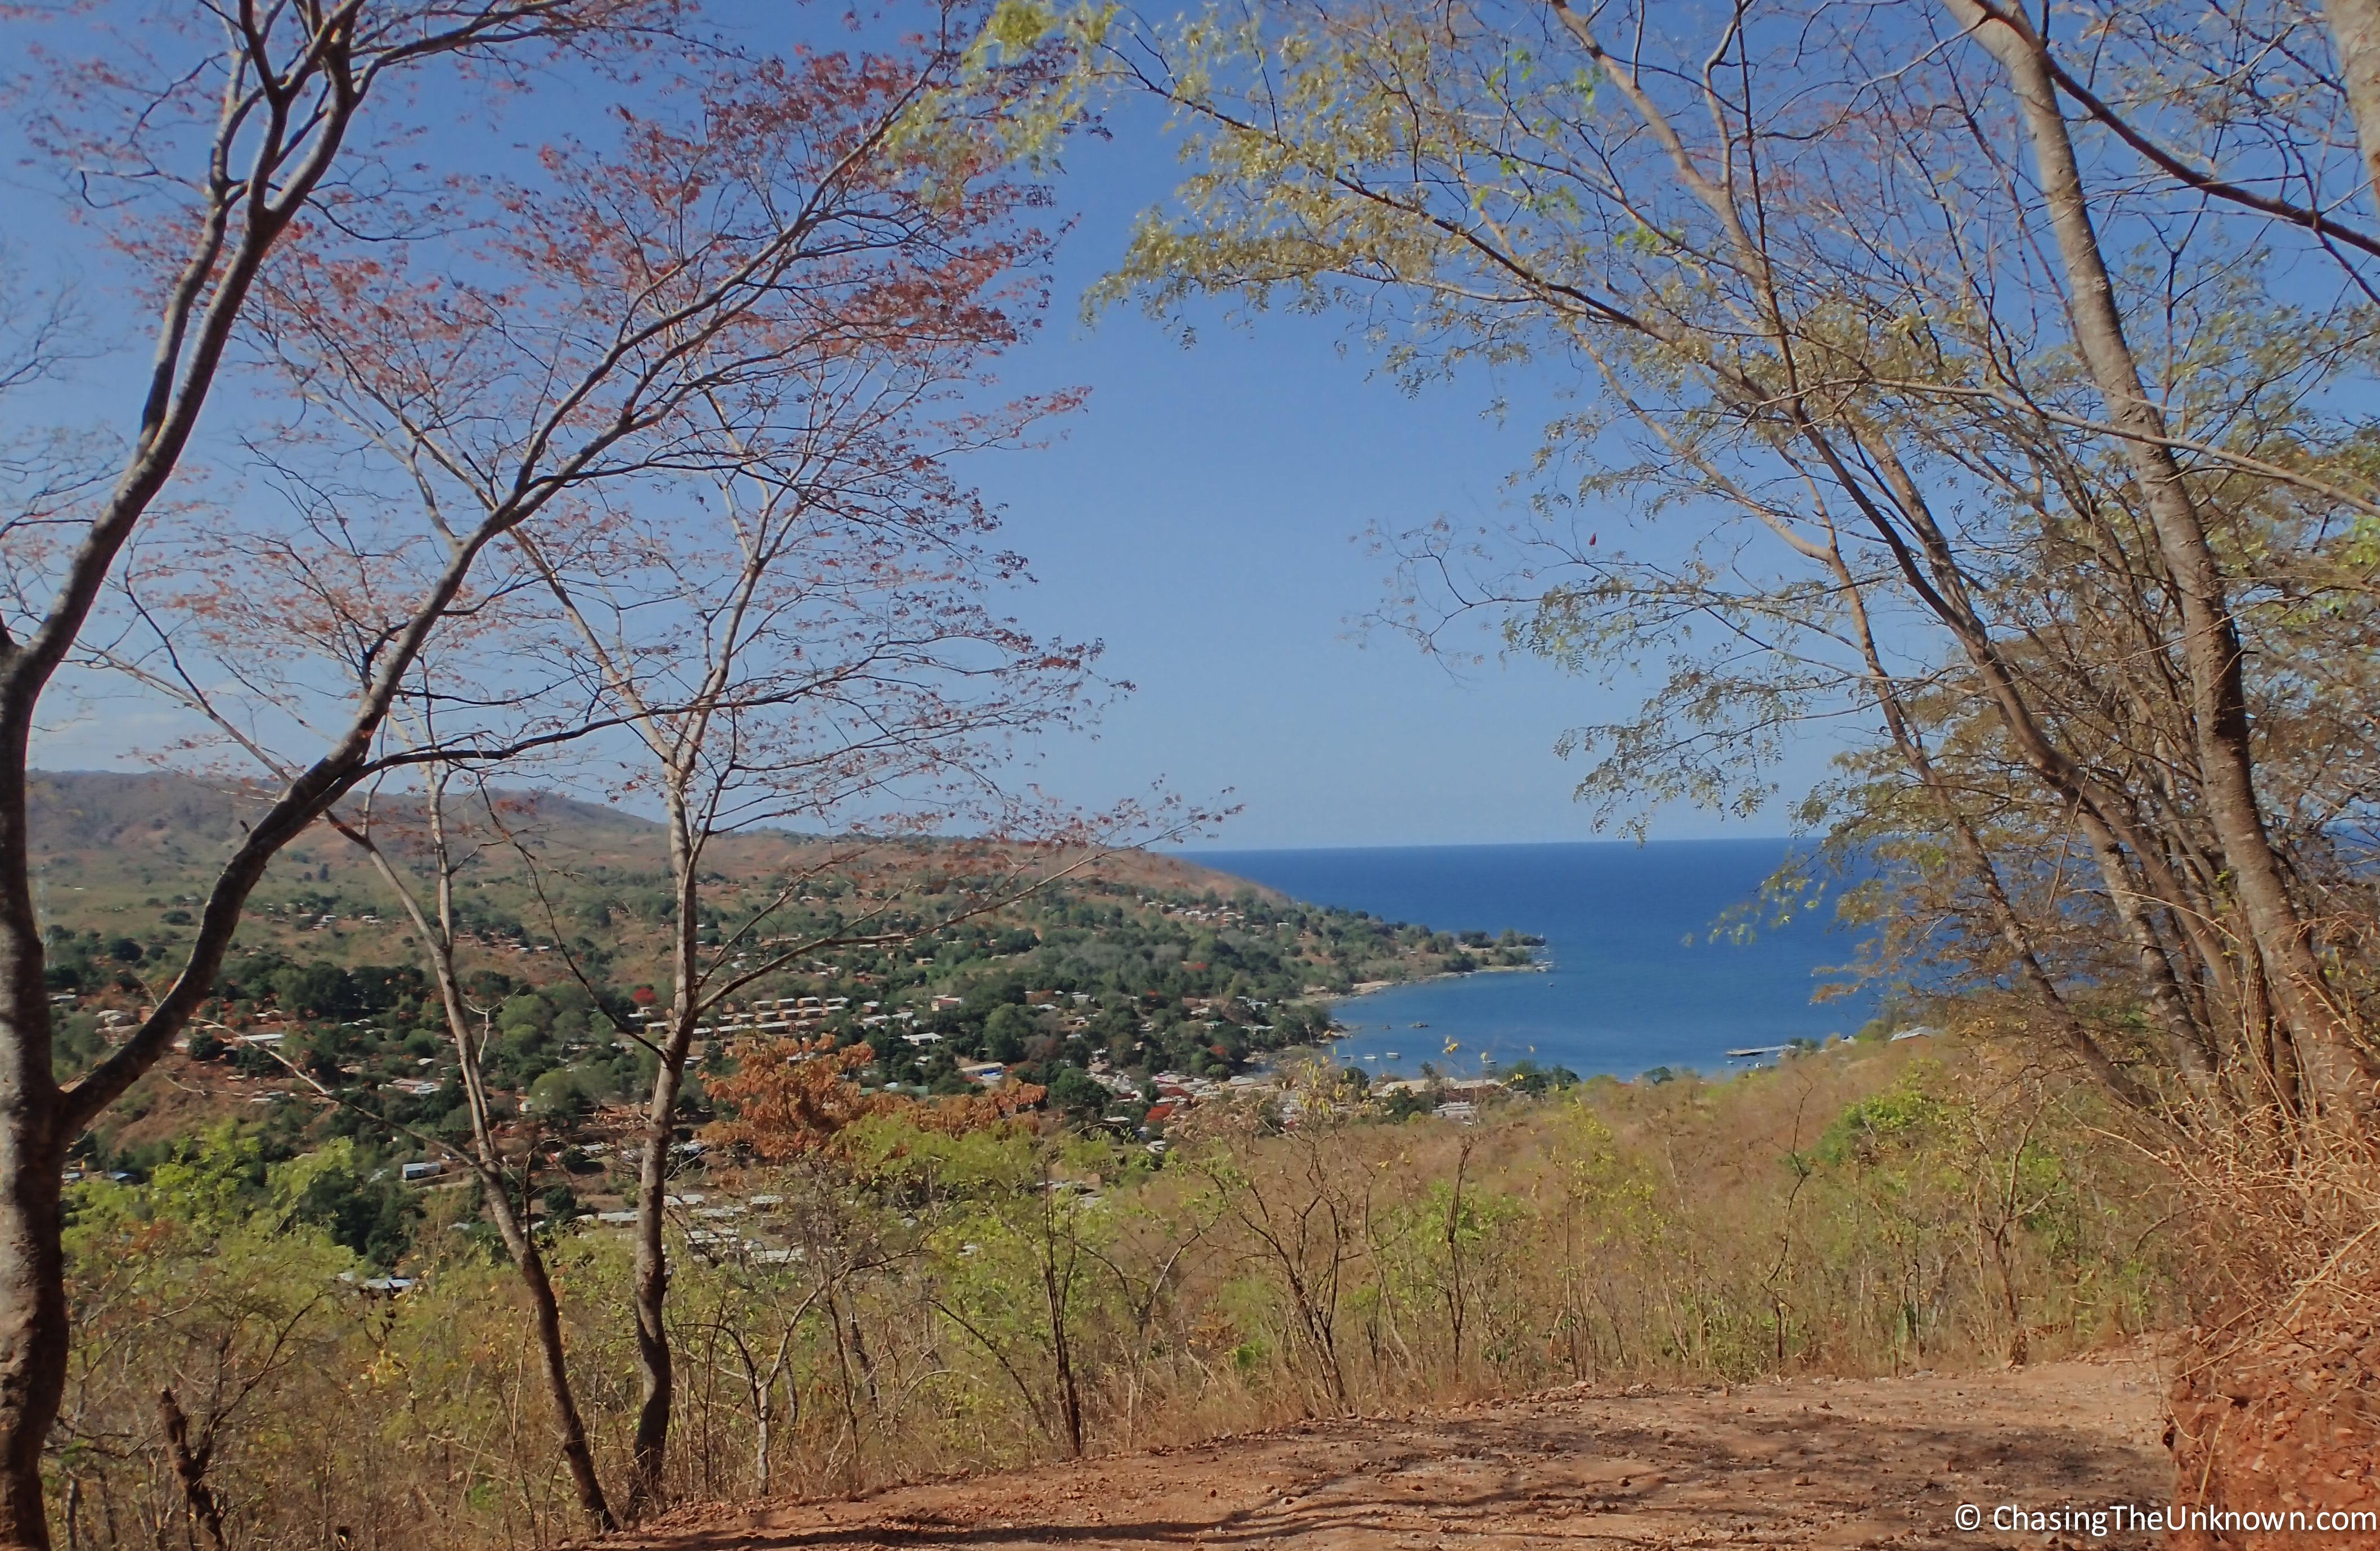 Nkhata-Bay